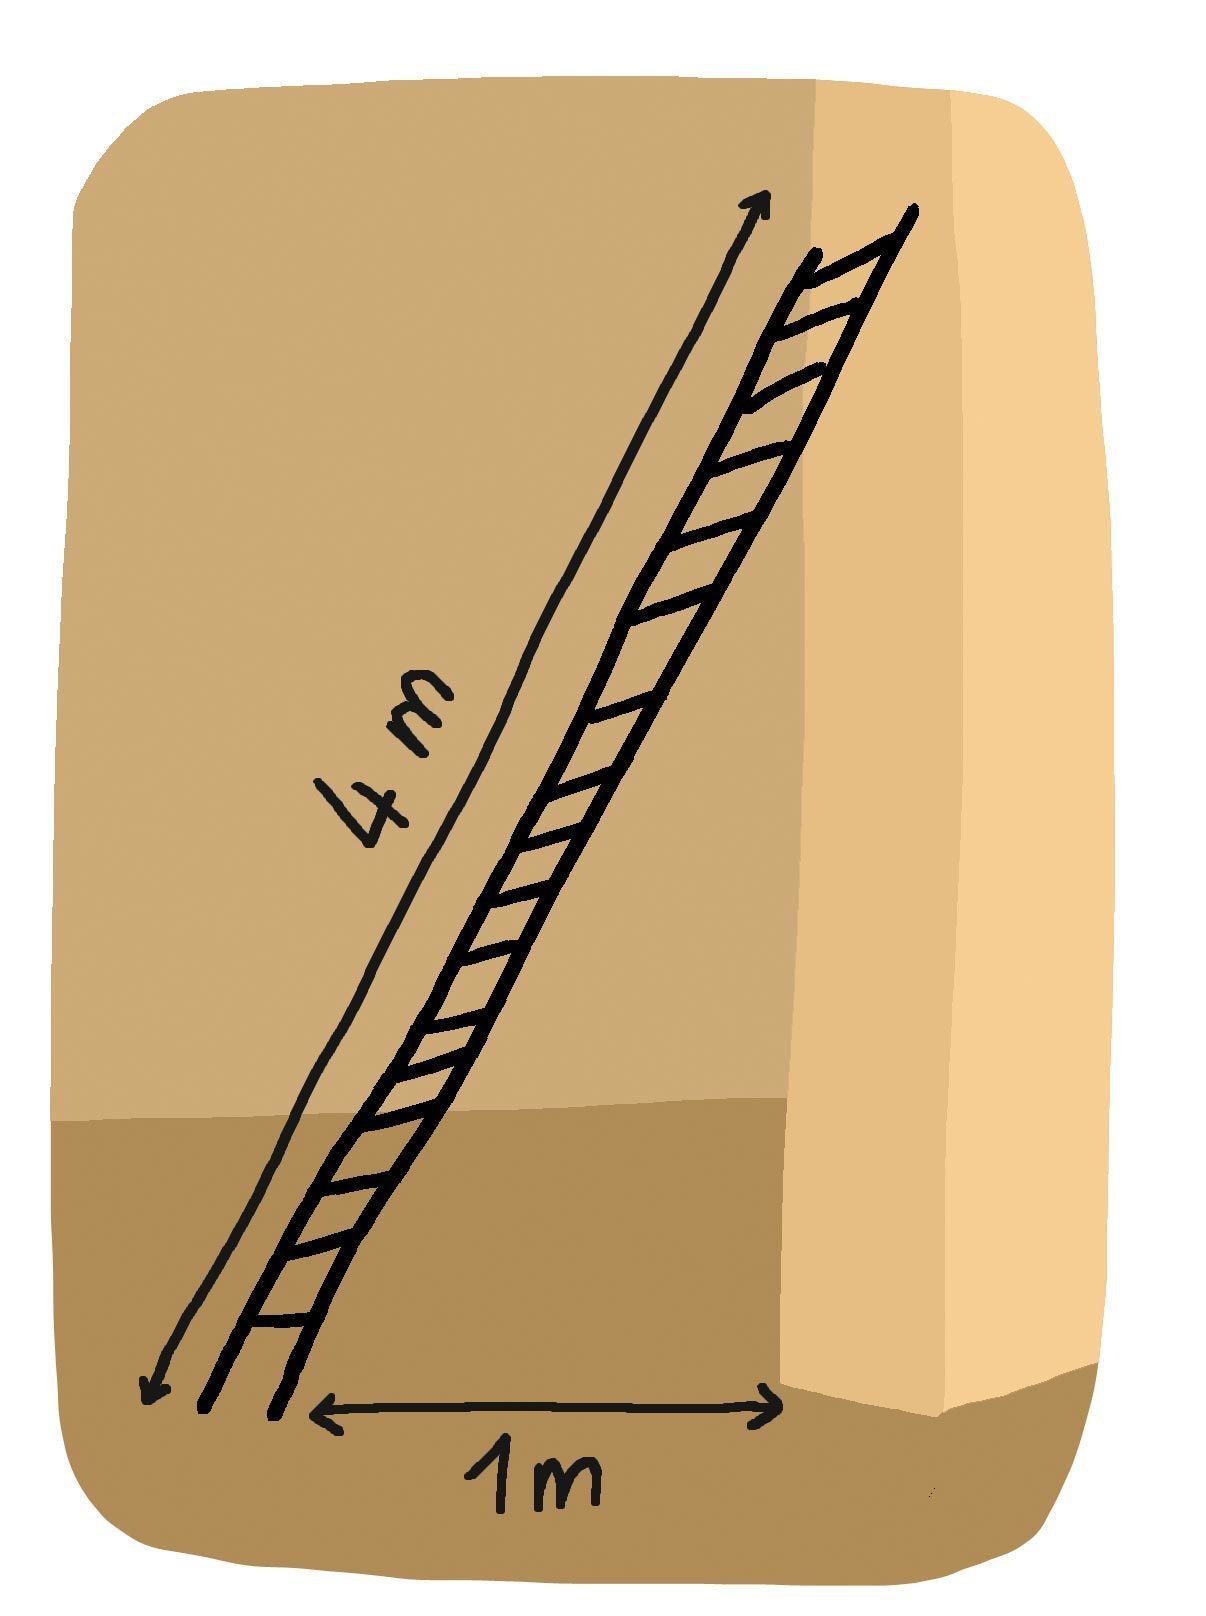 À quelle hauteur l'échelle touche-t-elle le mur ? (Donnez un arrondi au cm.)